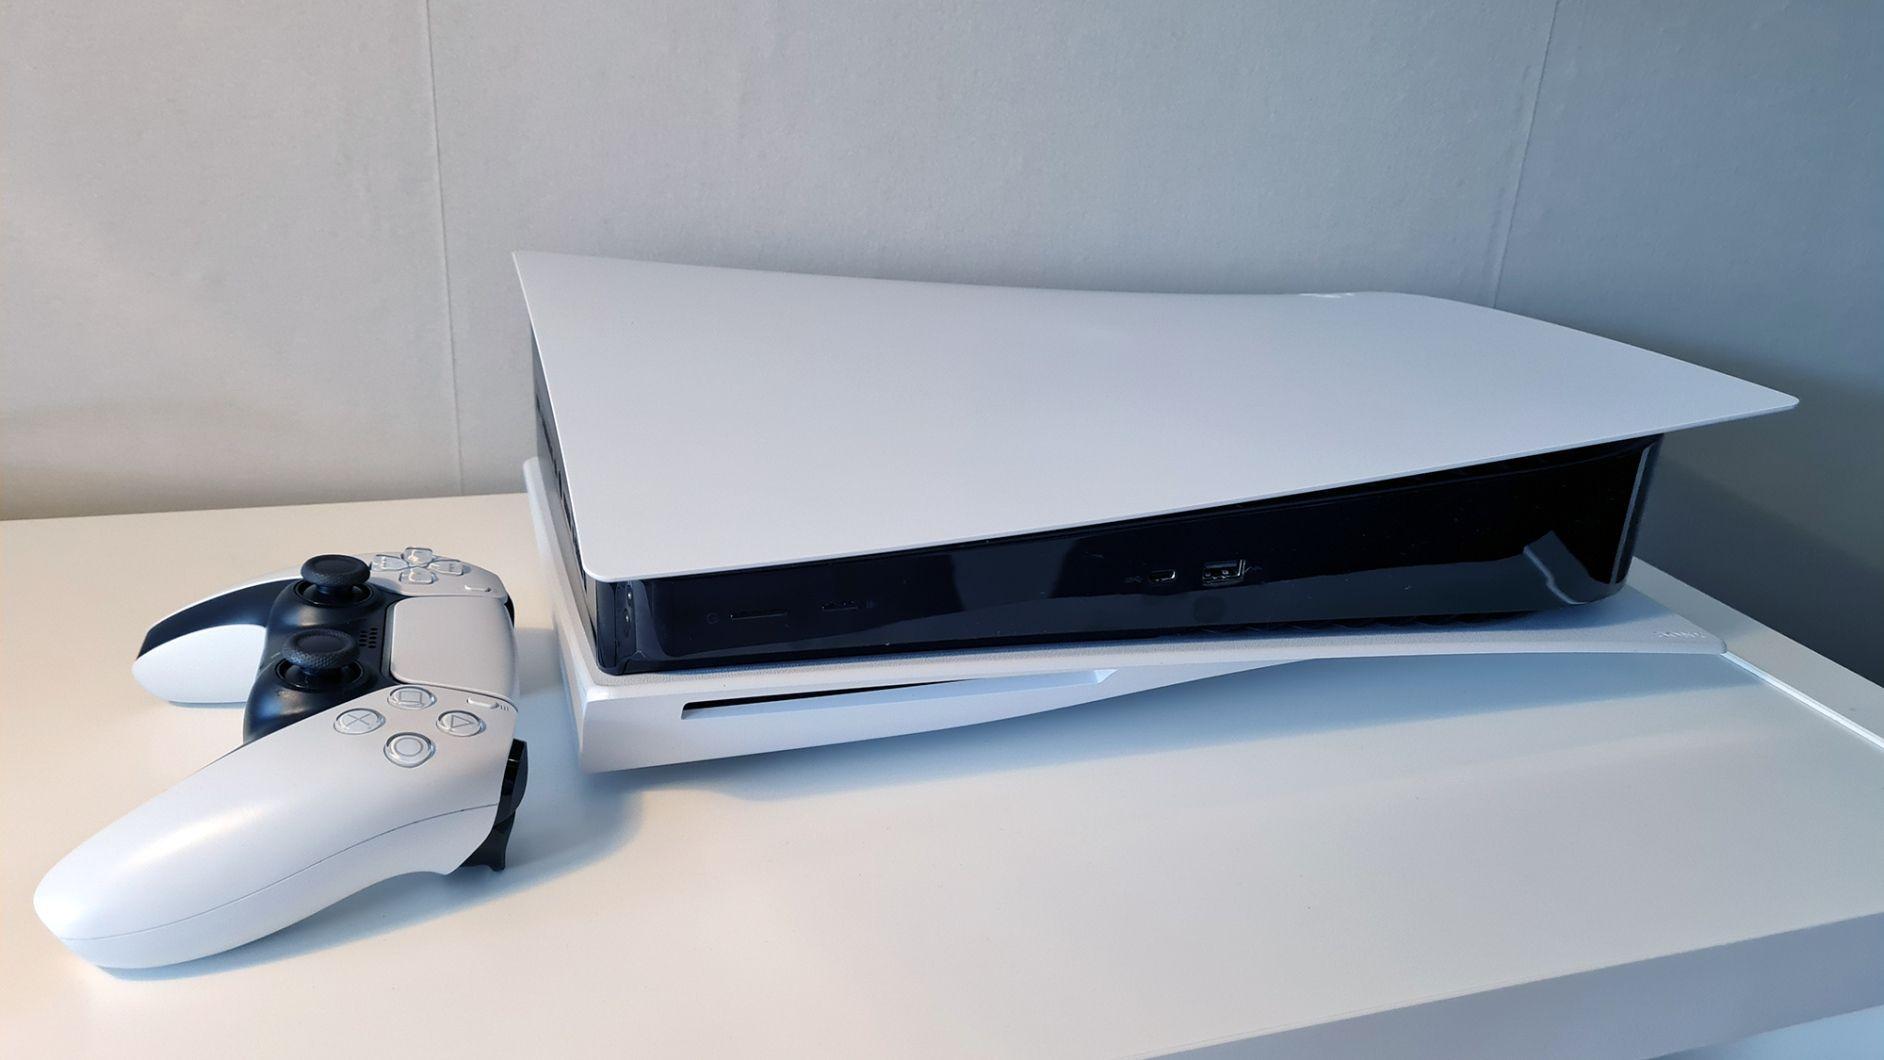 PS5 liggandes